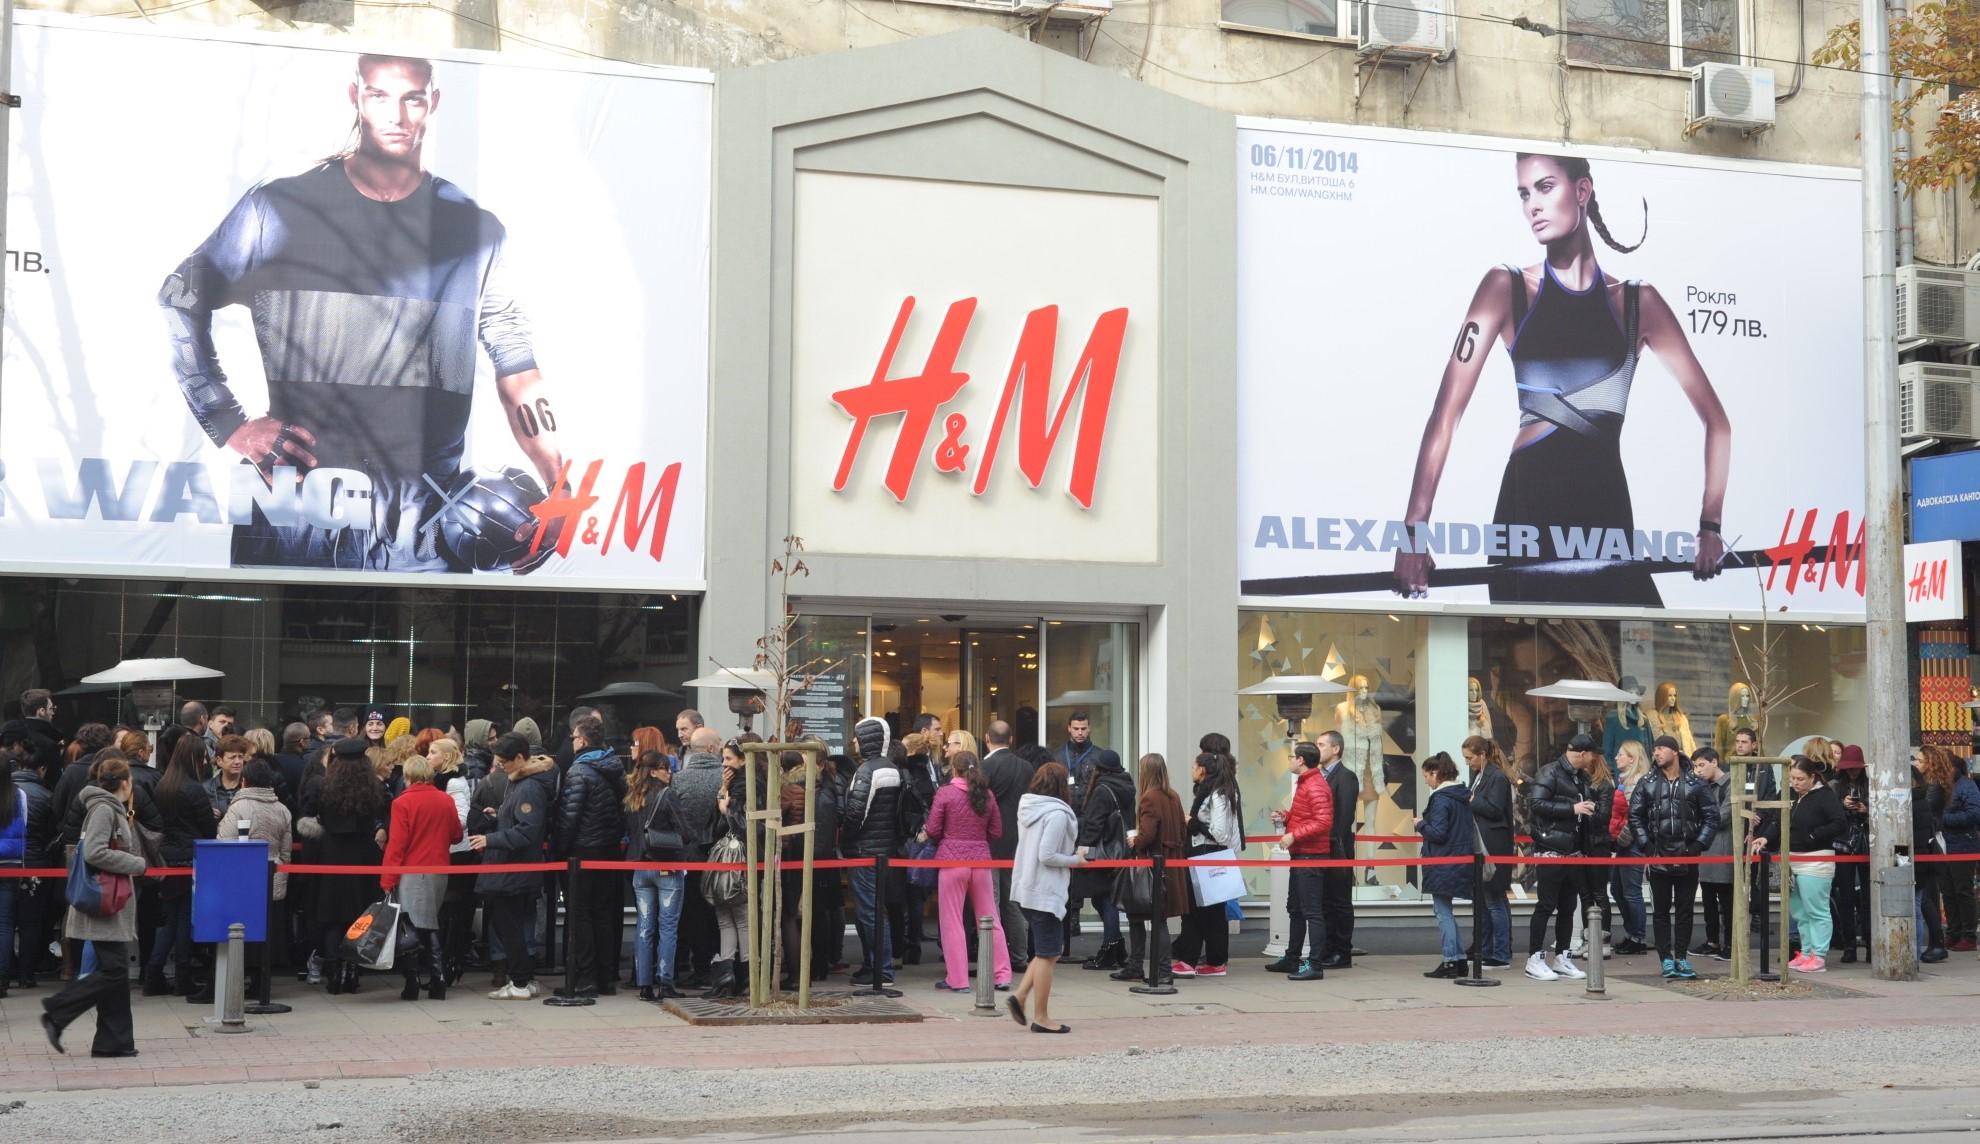 <!--:bg--> ALEXANDER WANG x H&M, гостите и още подробности<!--:-->